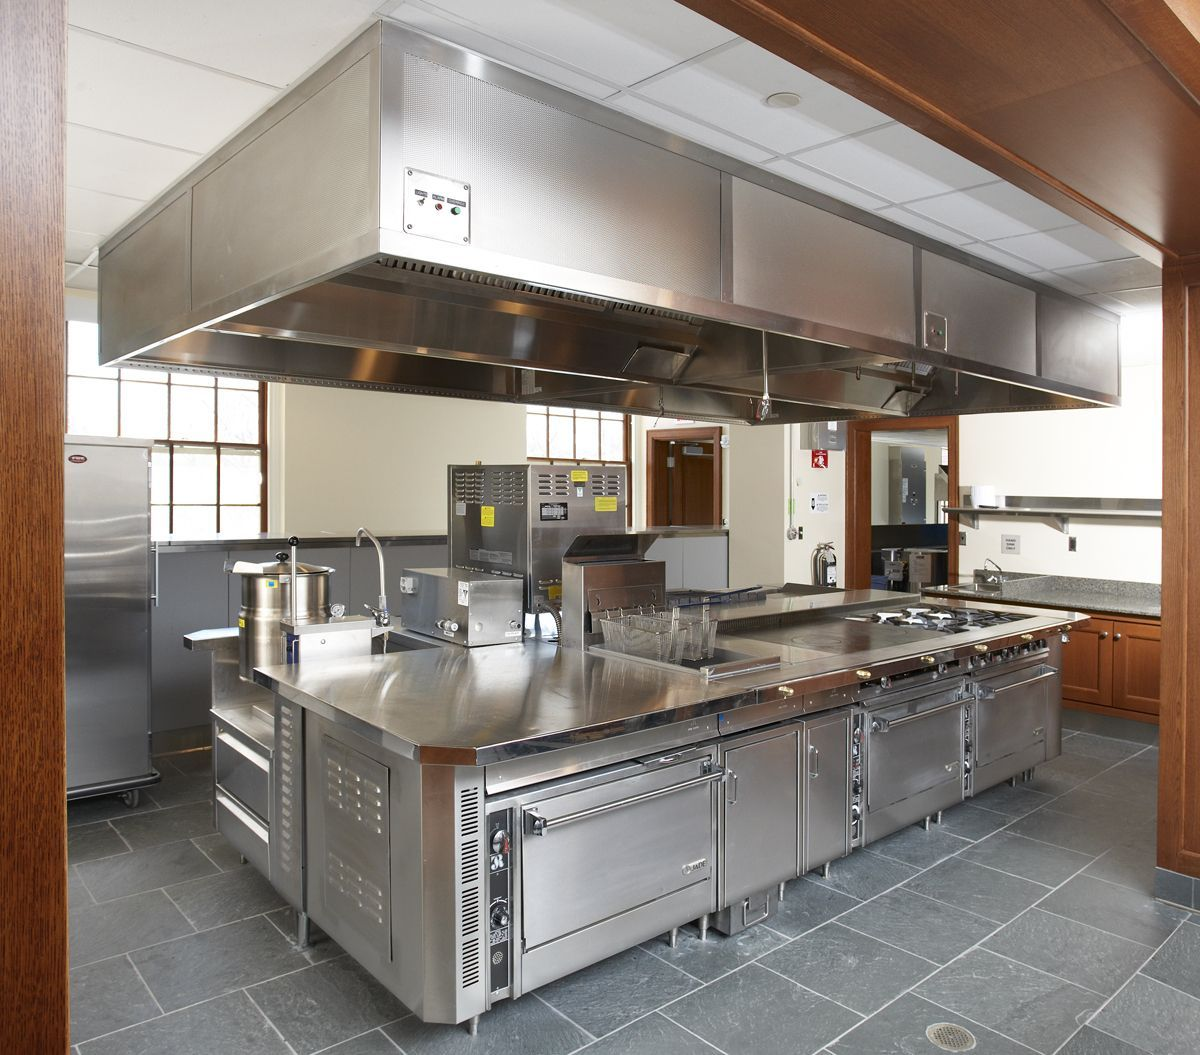 Moderne Gastronomie Sch Rzen Wiring Diagram For Warn 2500 Winch Modern Chef School Kitchen 3d Model Google Search Kitchens